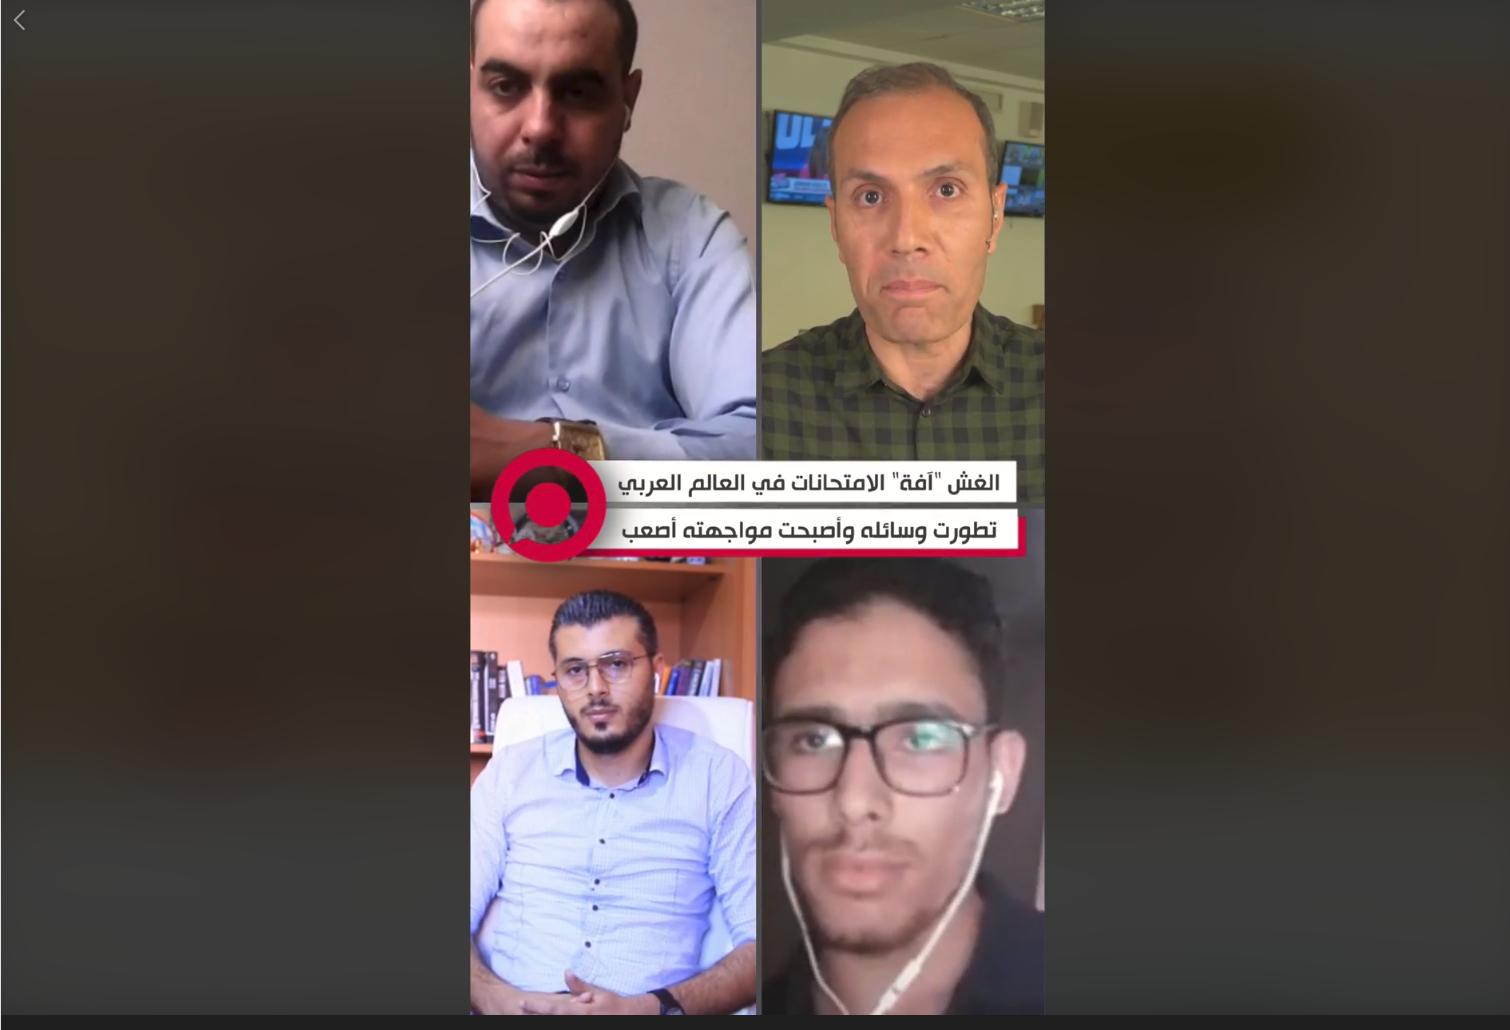 شاهد..غش × غش من المحيط للخليج.. امتحانات العرب مرض مزمن؟